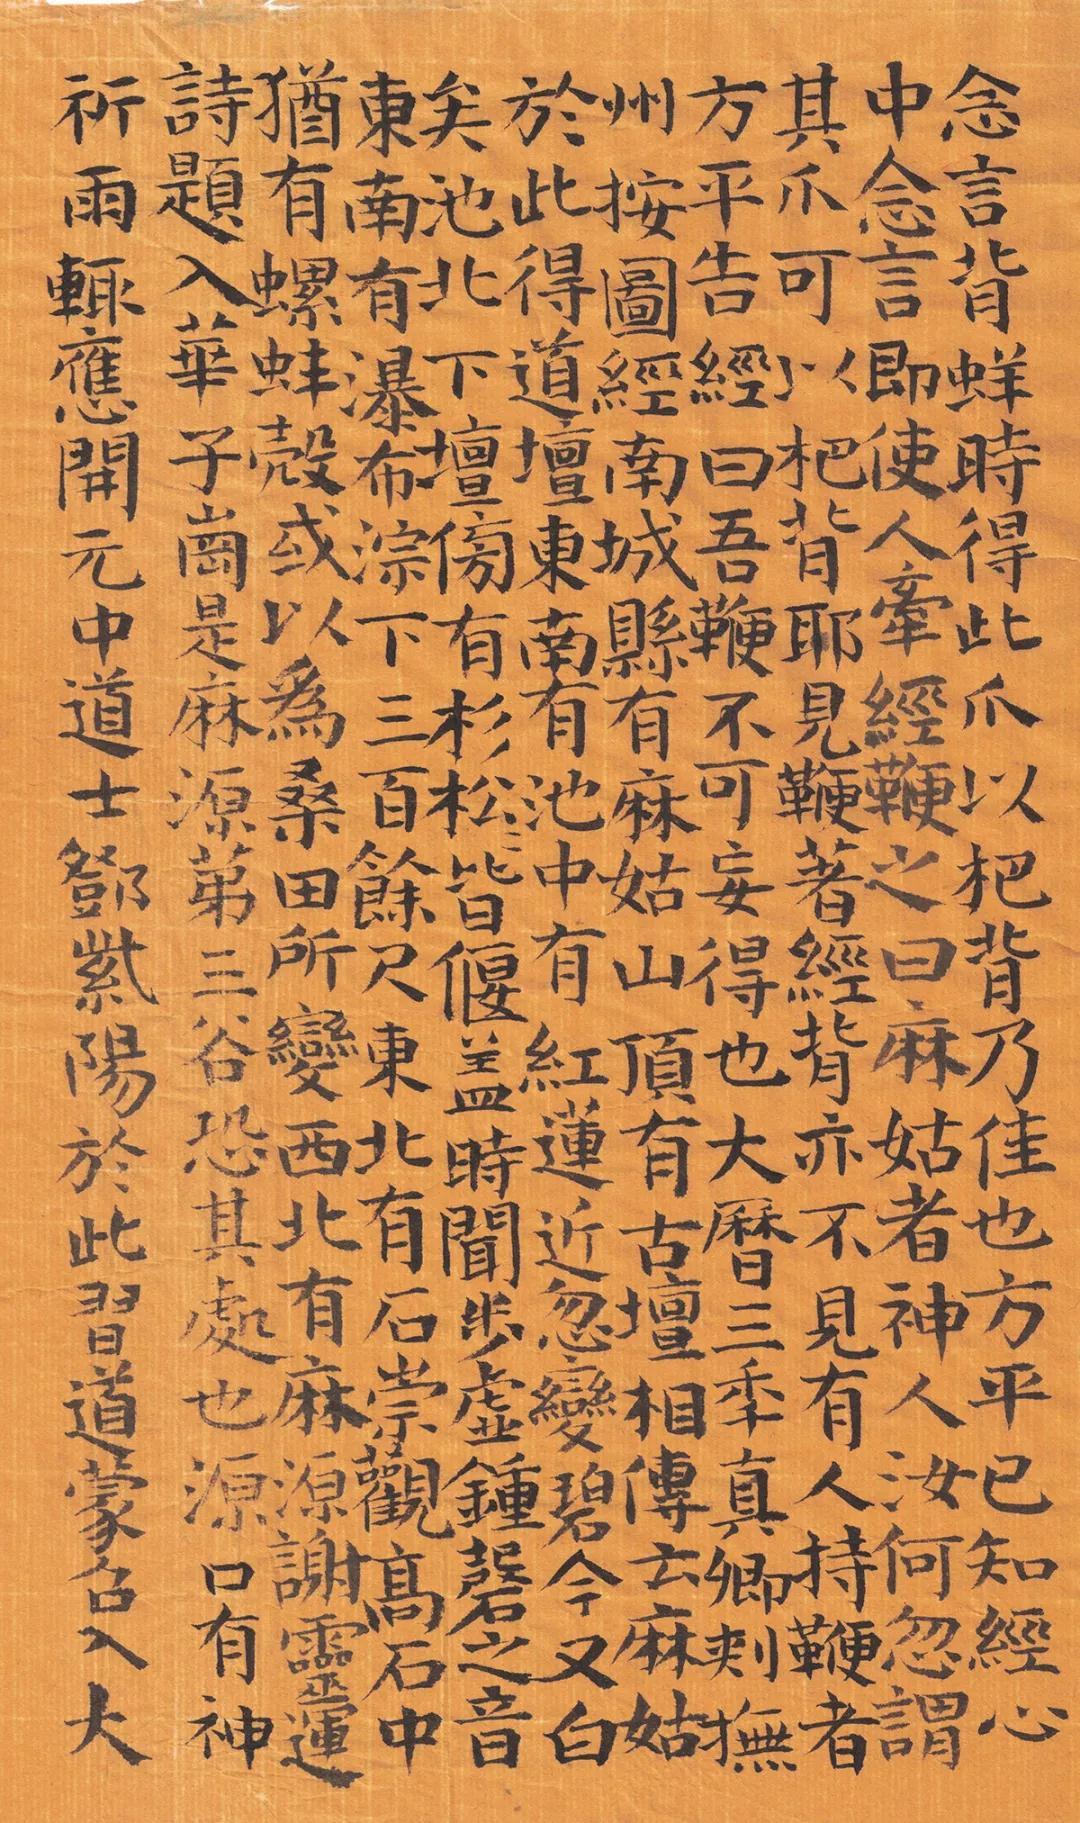 杖藜讲坛(六):字小气象大 宽博见古风——《小字麻姑仙坛记》 与明清小楷对照浅谈